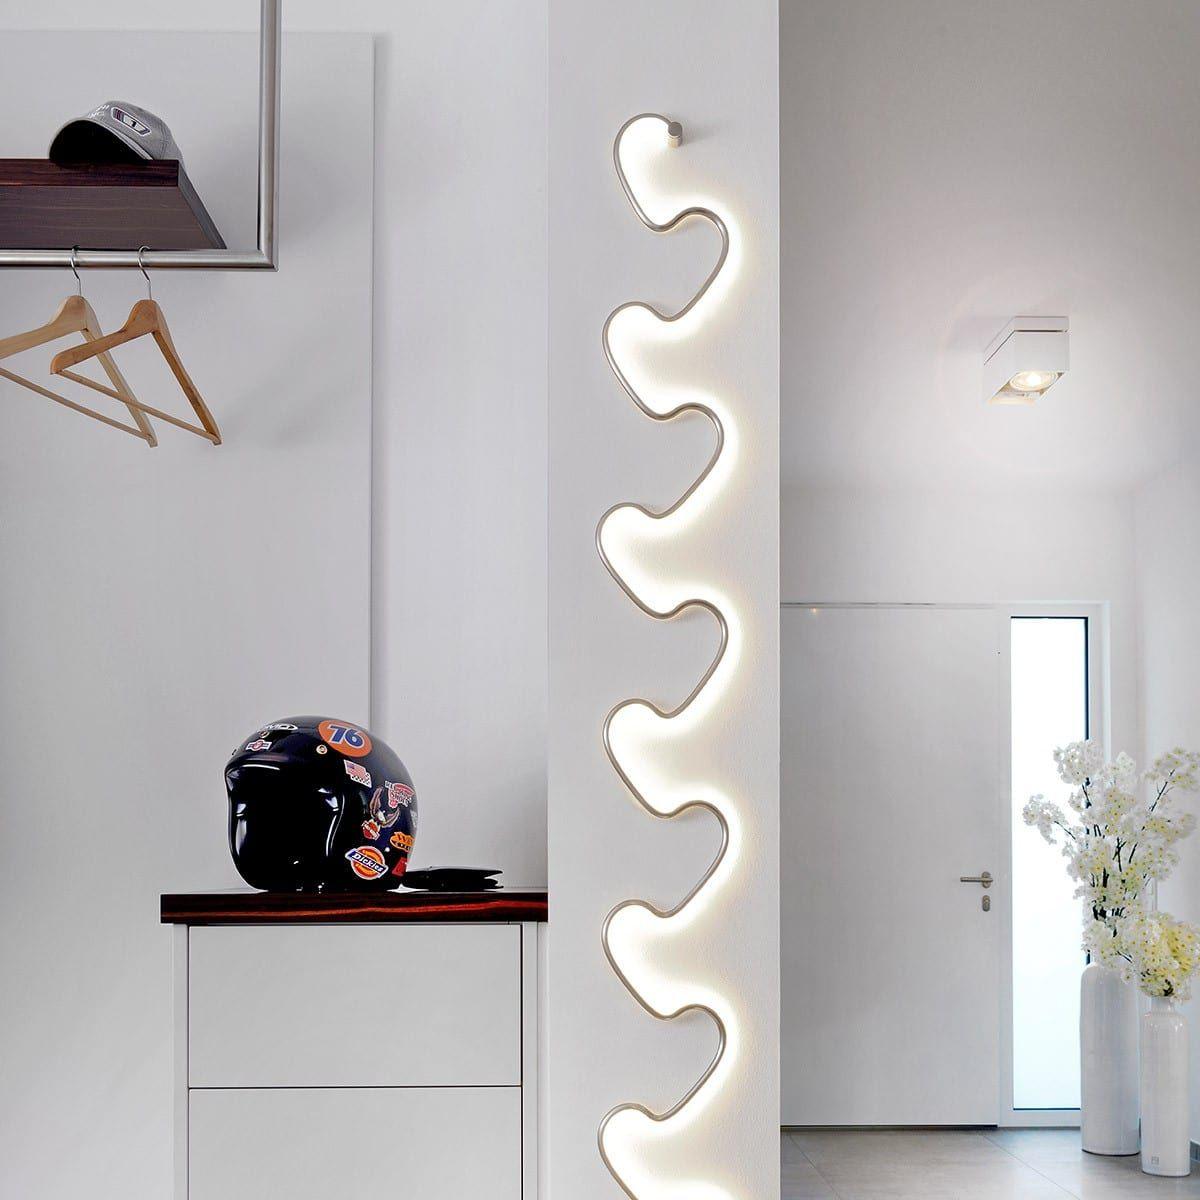 Sompex Step Led Wandleuchte Aluminium Led Wandleuchten Innen Wandleuchten Innen Wandleuchte